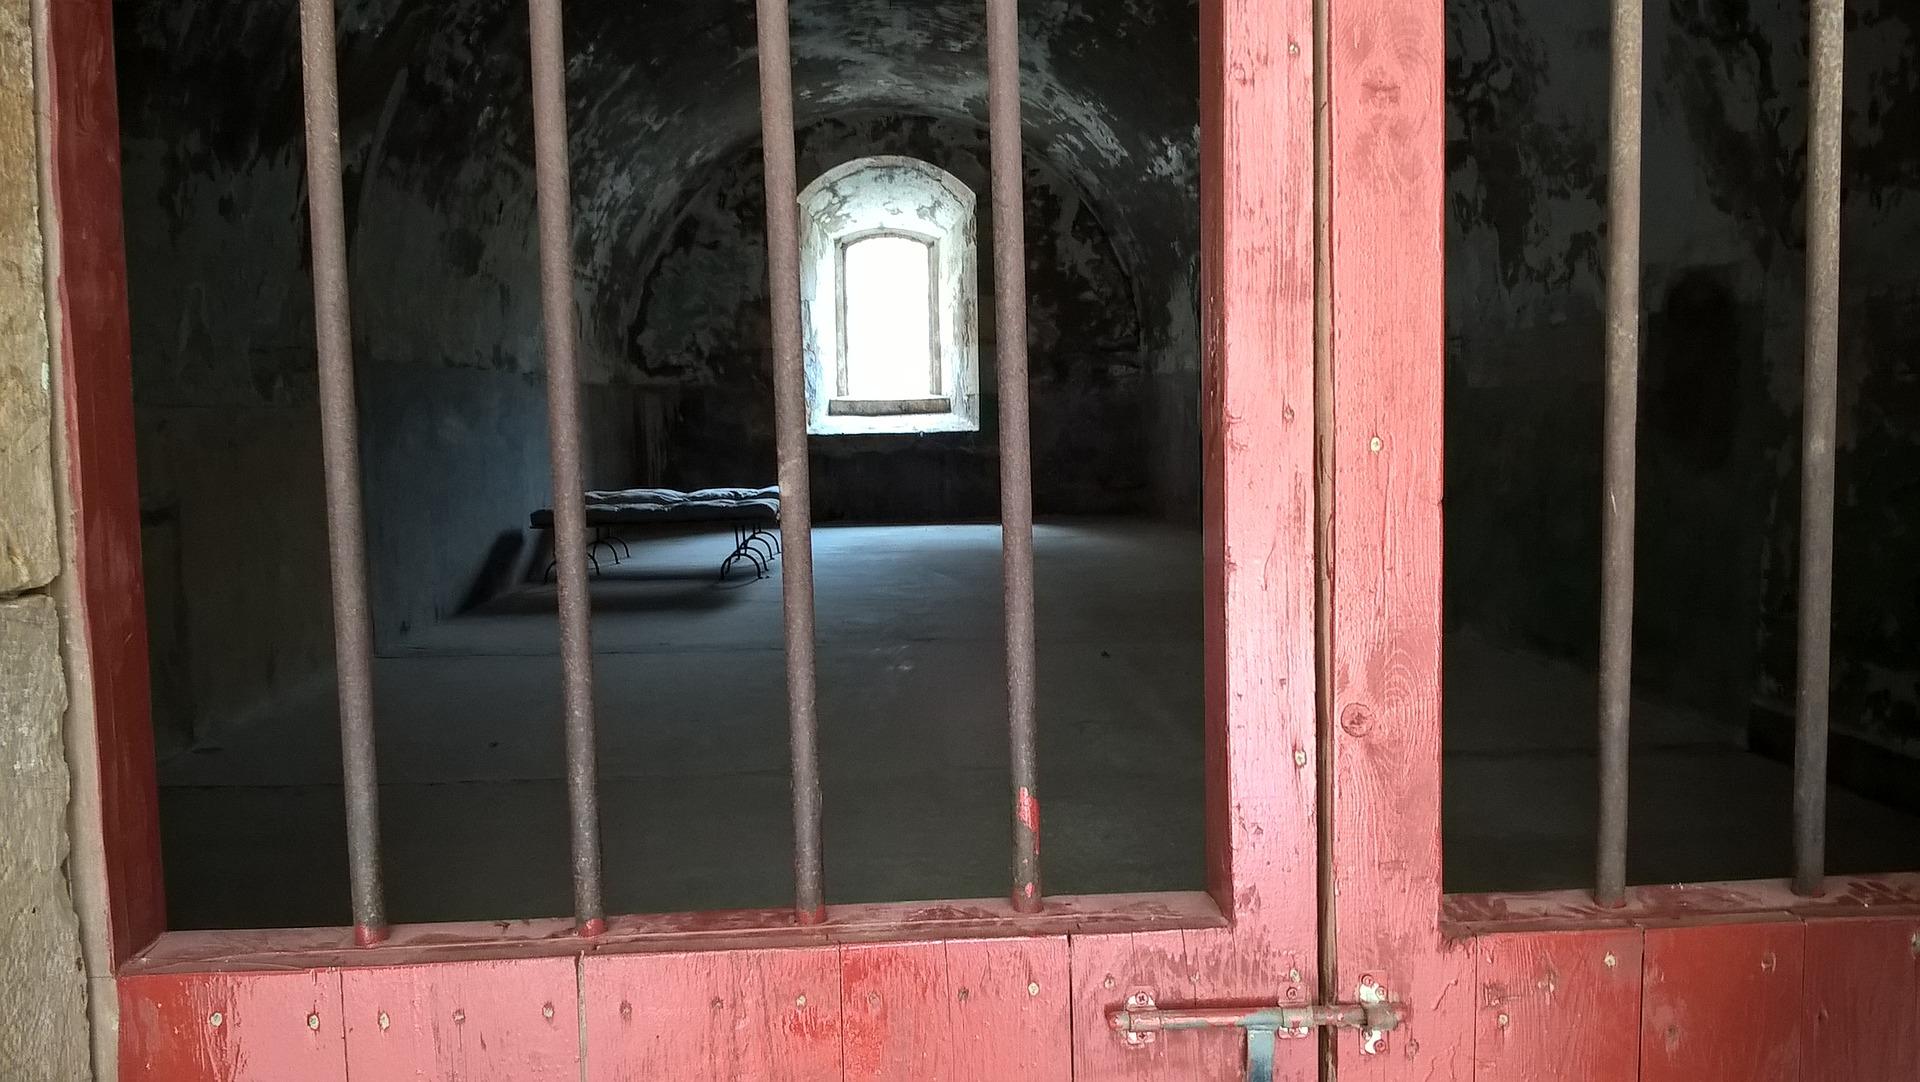 Une cellule de prison vue à travers les barreaux. Elle est vide, hormis un lit de fortune.